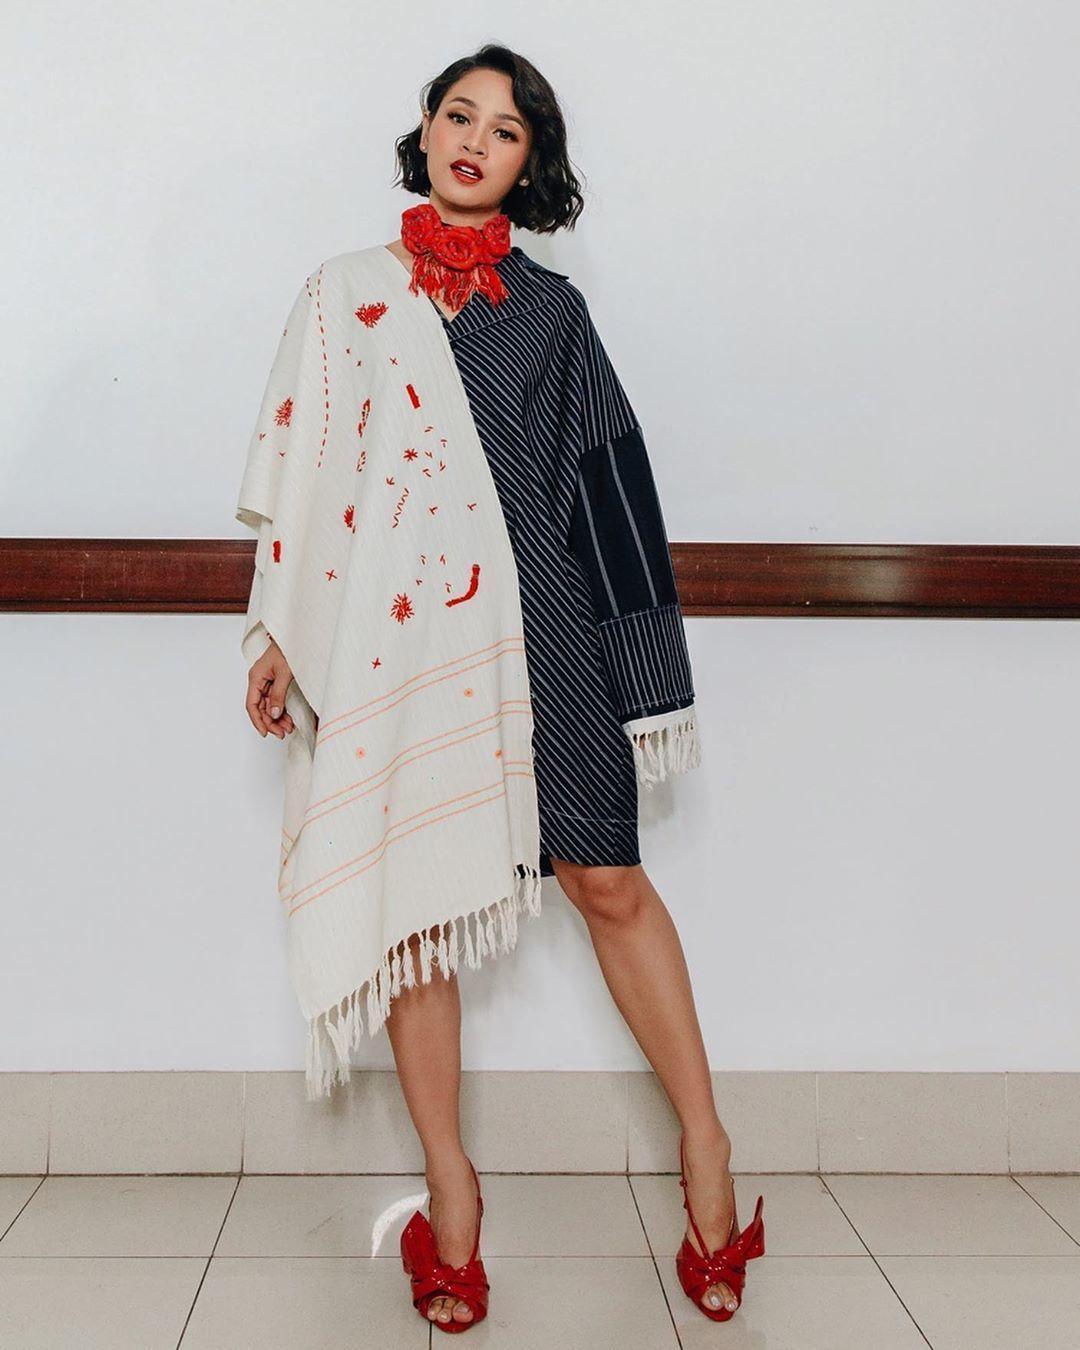 Brand-brand Mewah Favorit Artis Indonesia, Bisa Tebak?